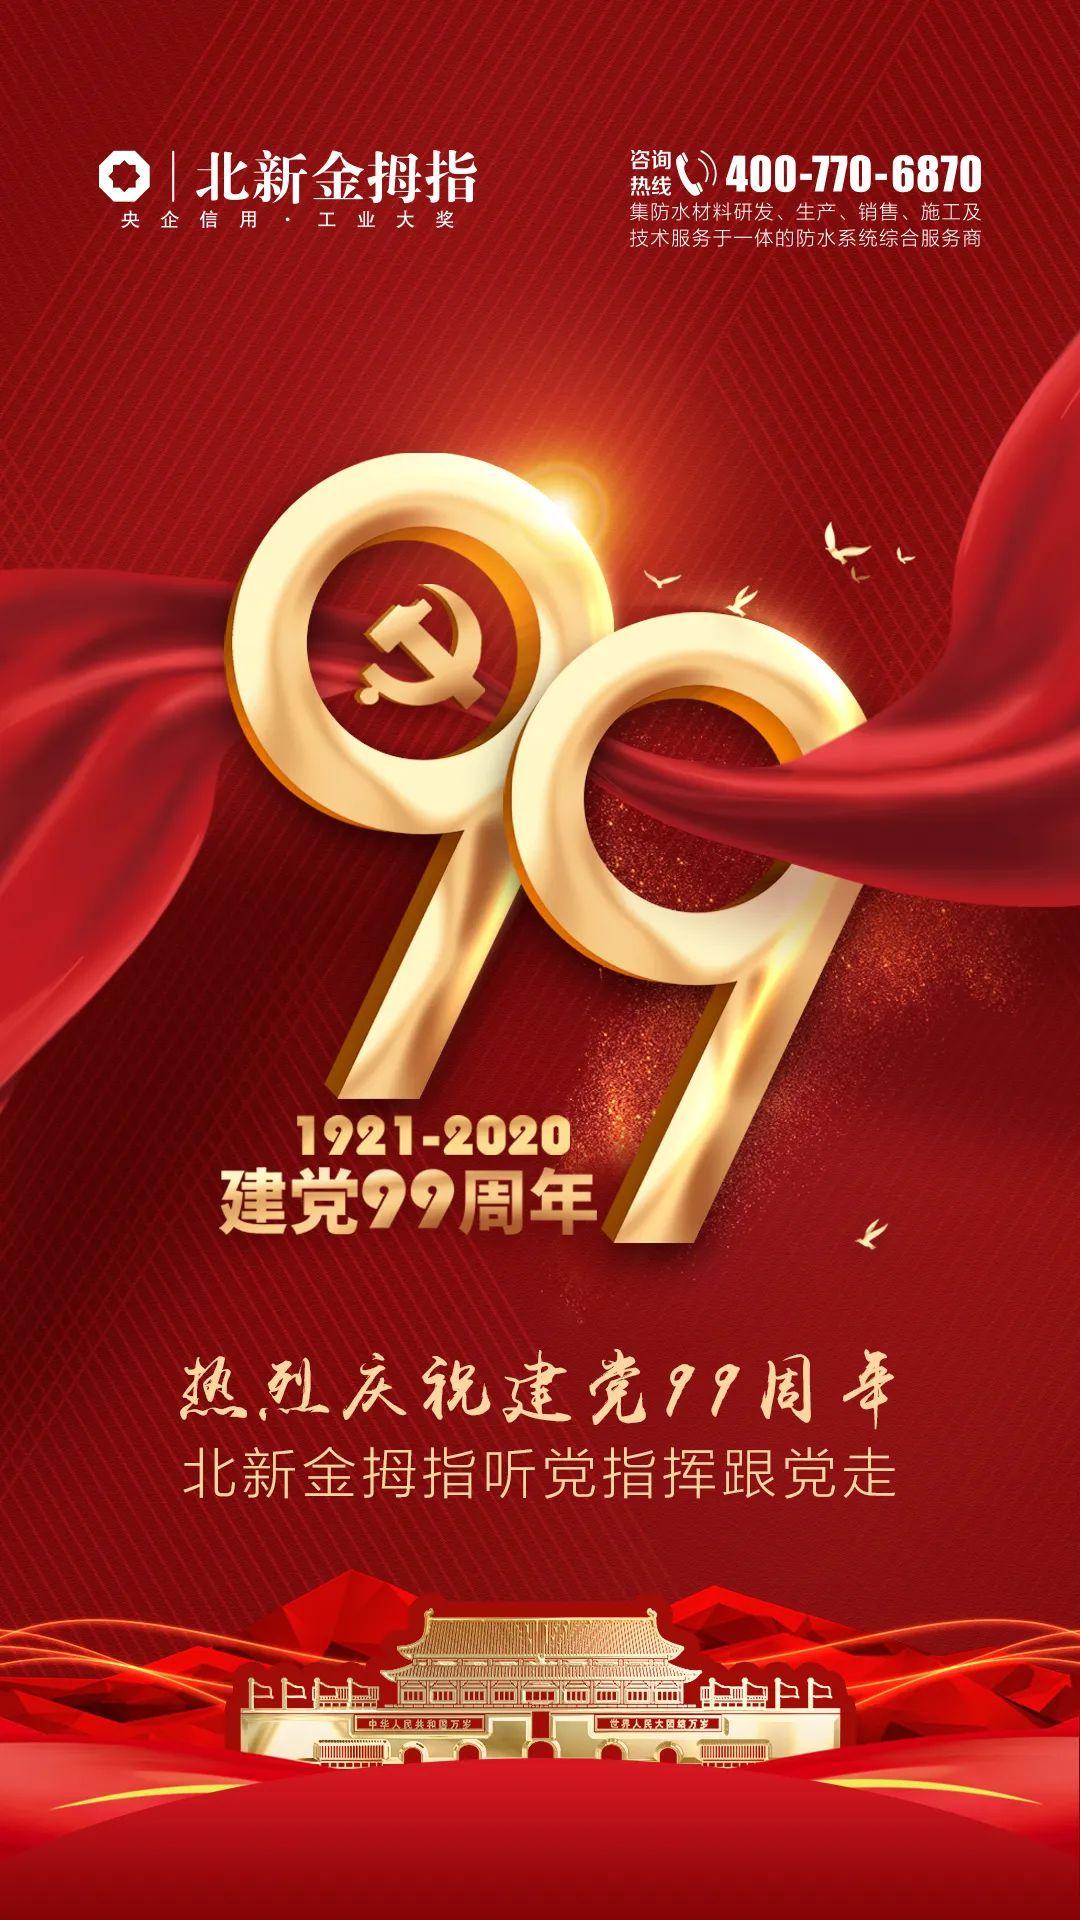 99如一!北新金拇指参加北新建材组织的庆祝建党99周年专题党课活动